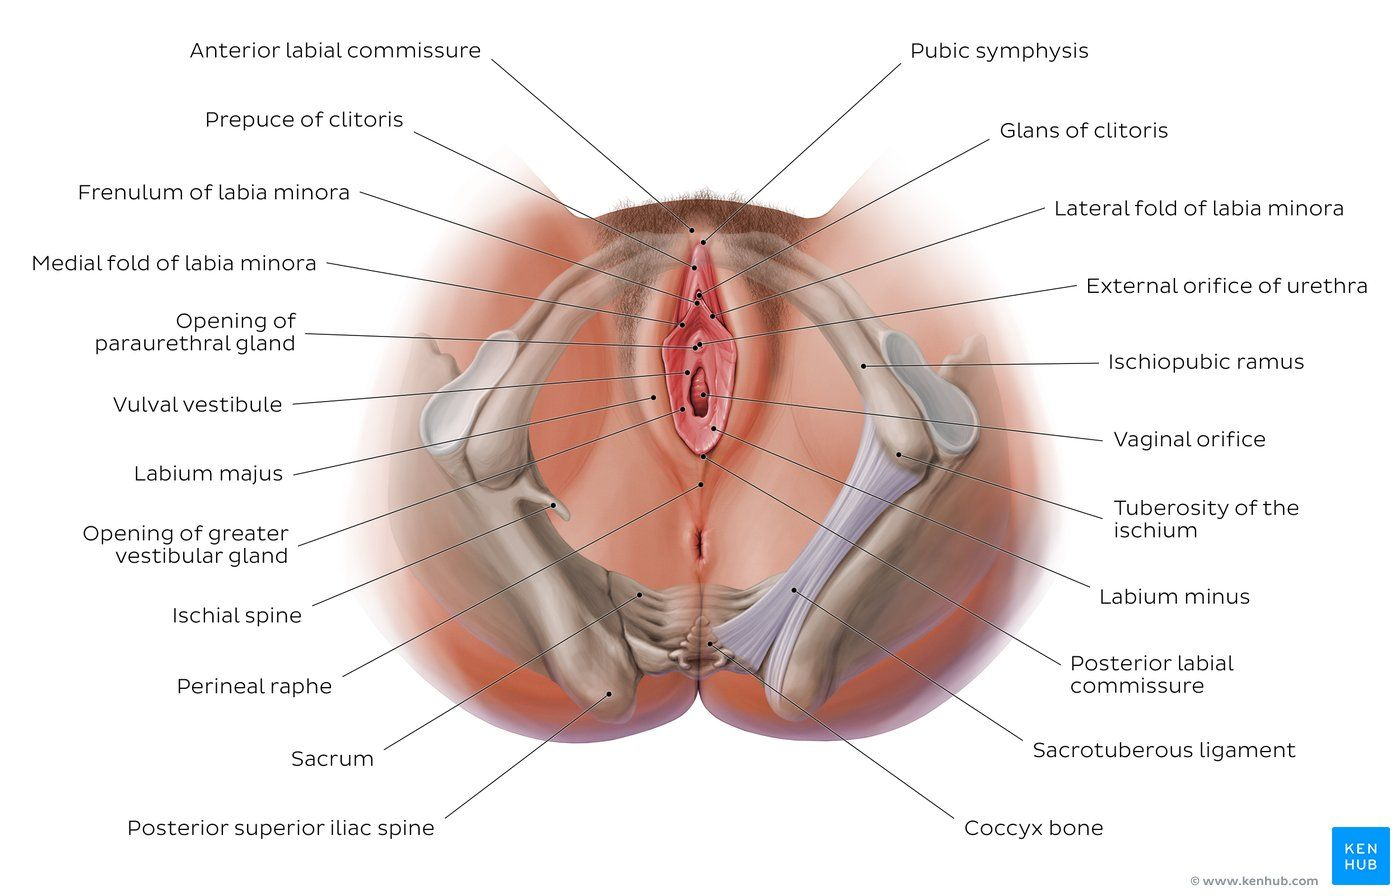 diagram pictures female perineum anatomy kenhub [ 1400 x 896 Pixel ]